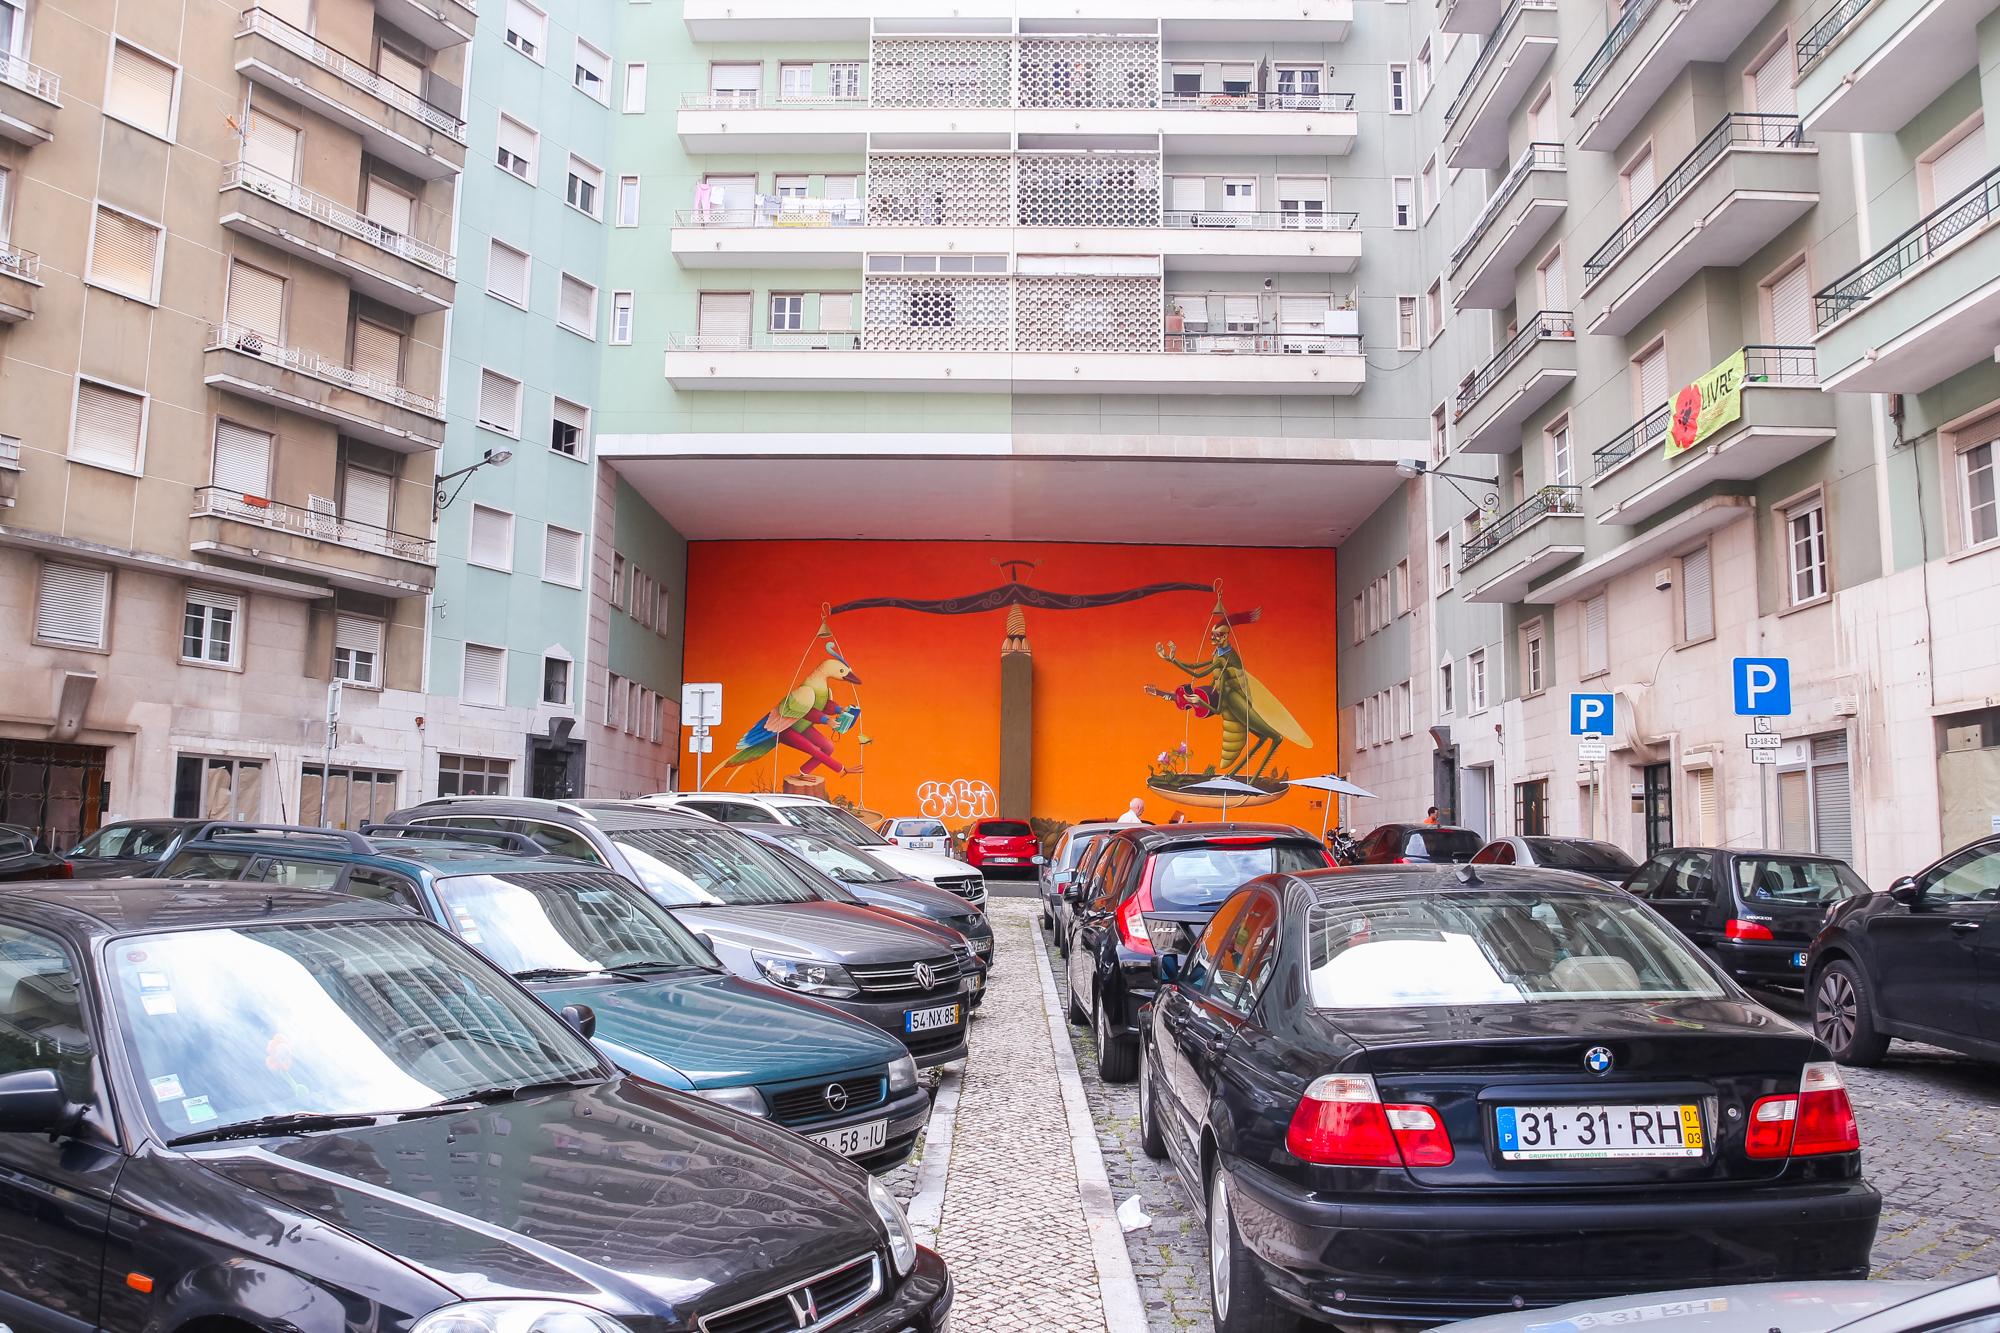 visiter Lisbonne : street art et Principe Real